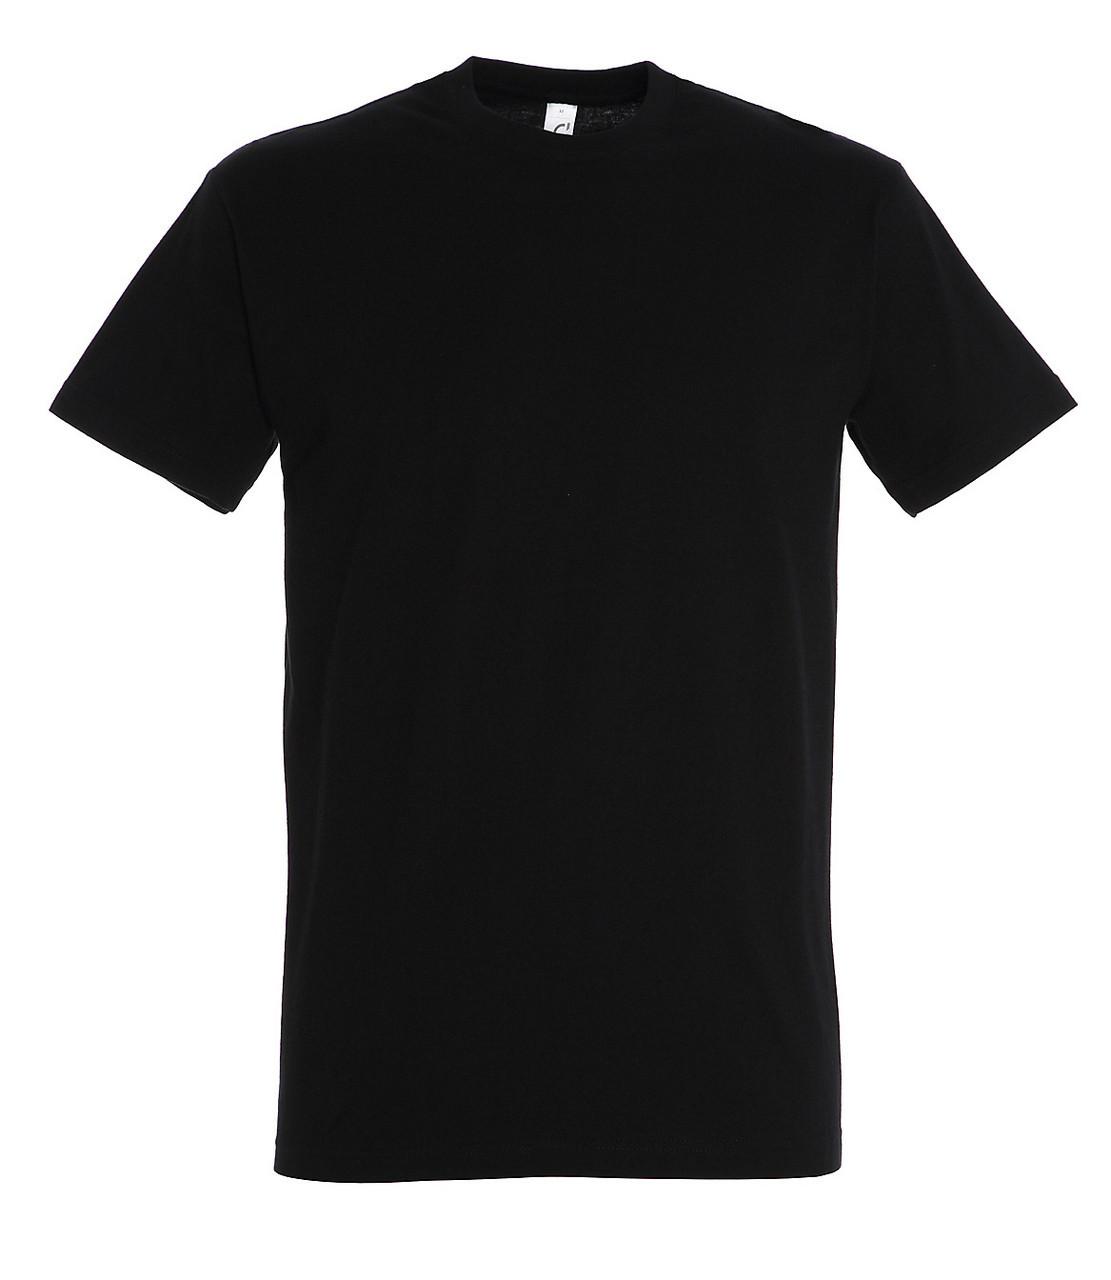 Футболка 100% хлопок, цвет черный, размер S